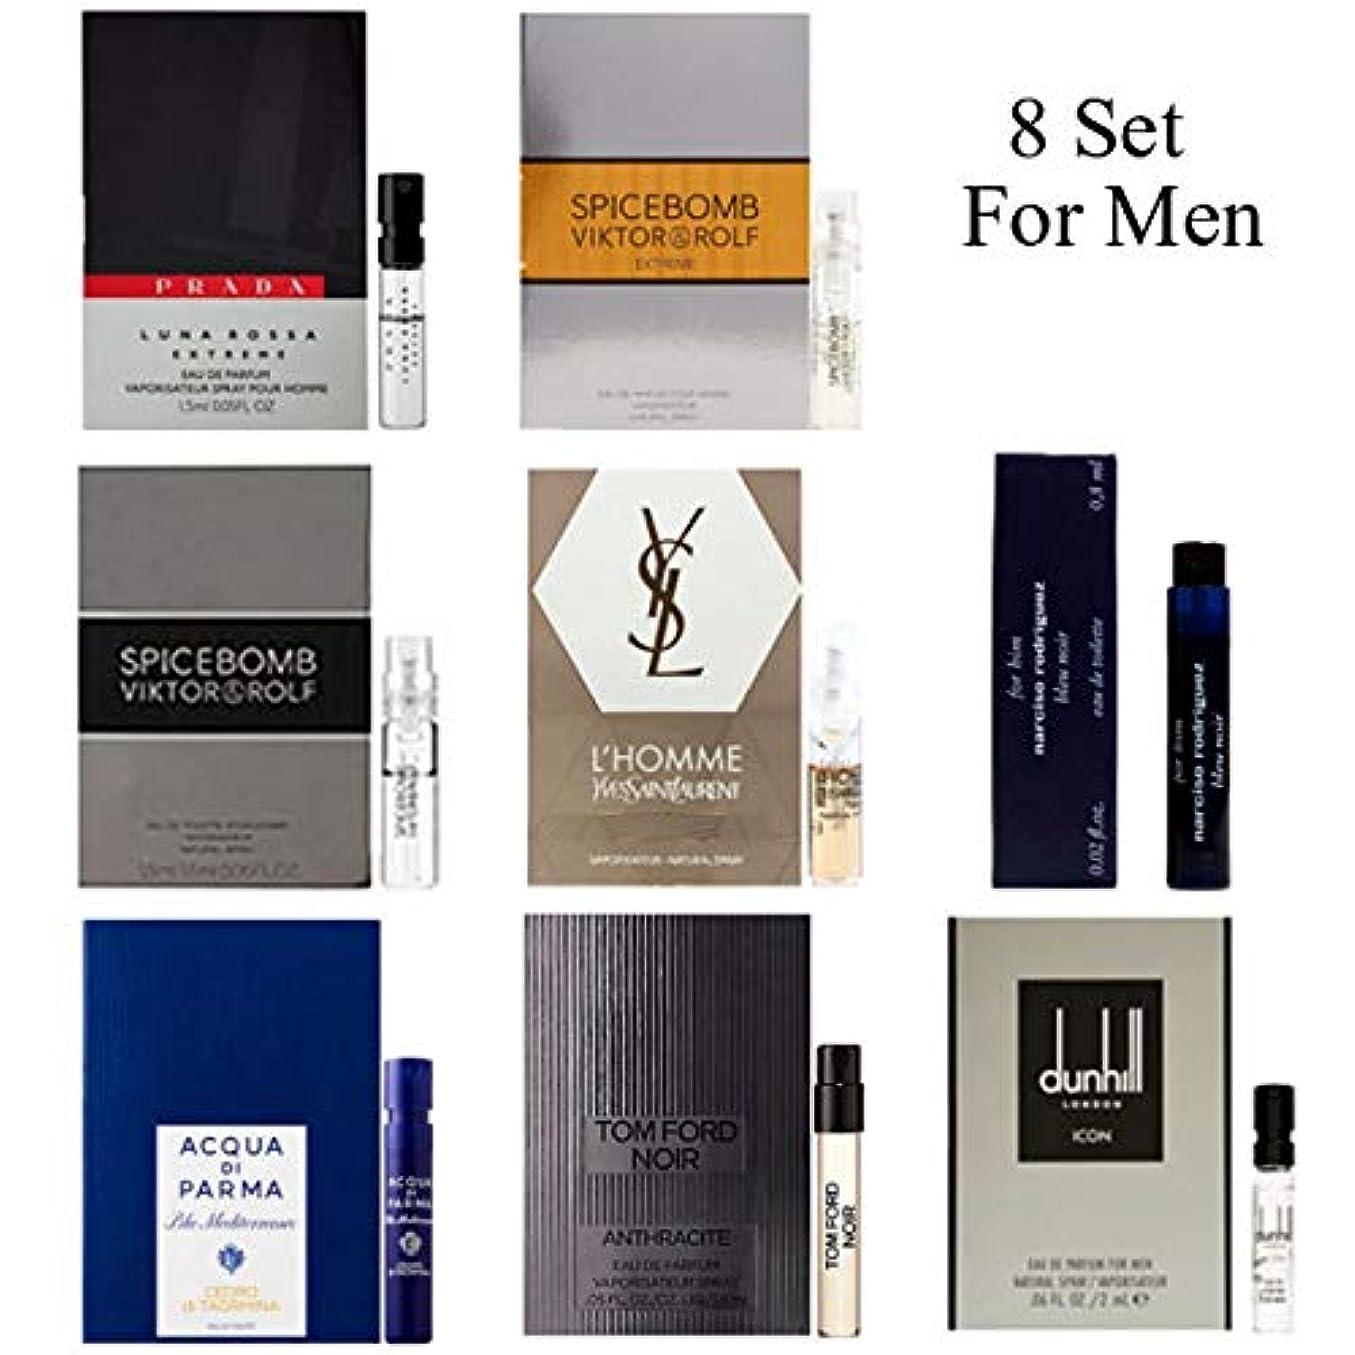 ベース同時する男性用 Eau de Parfum (Eau de Toilette) For Men Samples 8/set [海外直送品] [並行輸入品]v